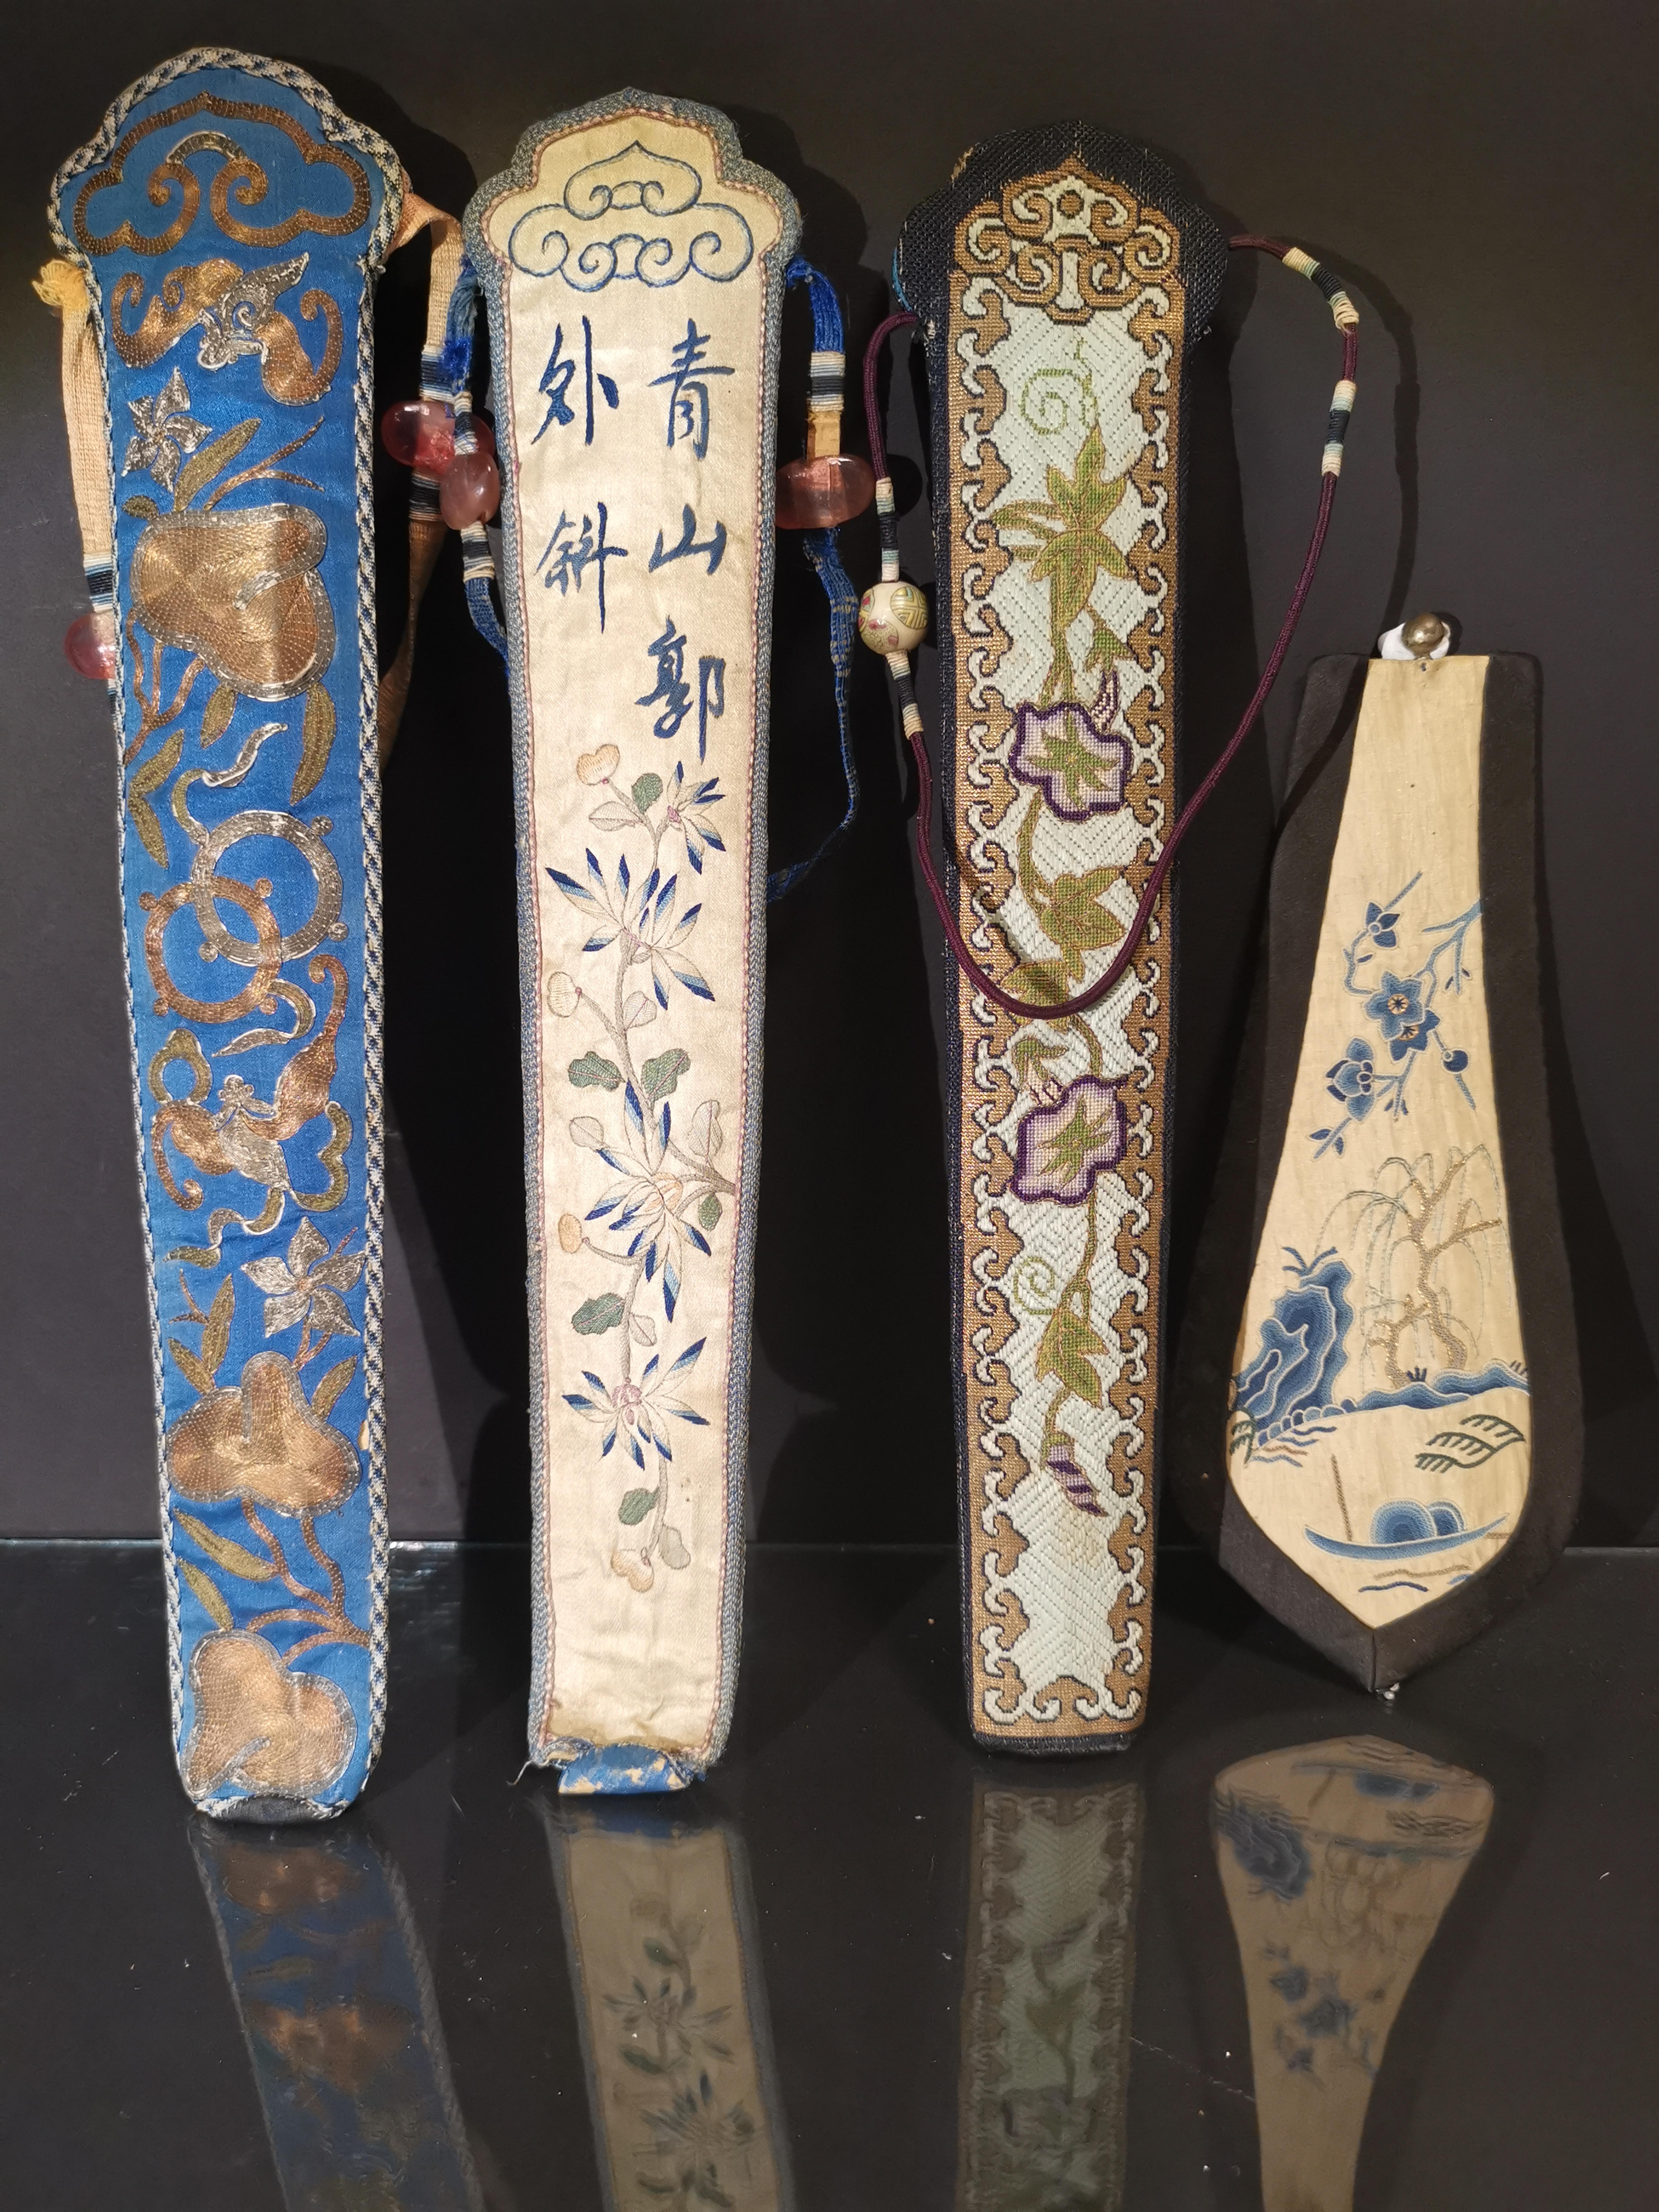 Trois étuis d'éventails en soie brodée contenant 8 baguettes et une broderie. [...] - Image 2 of 2